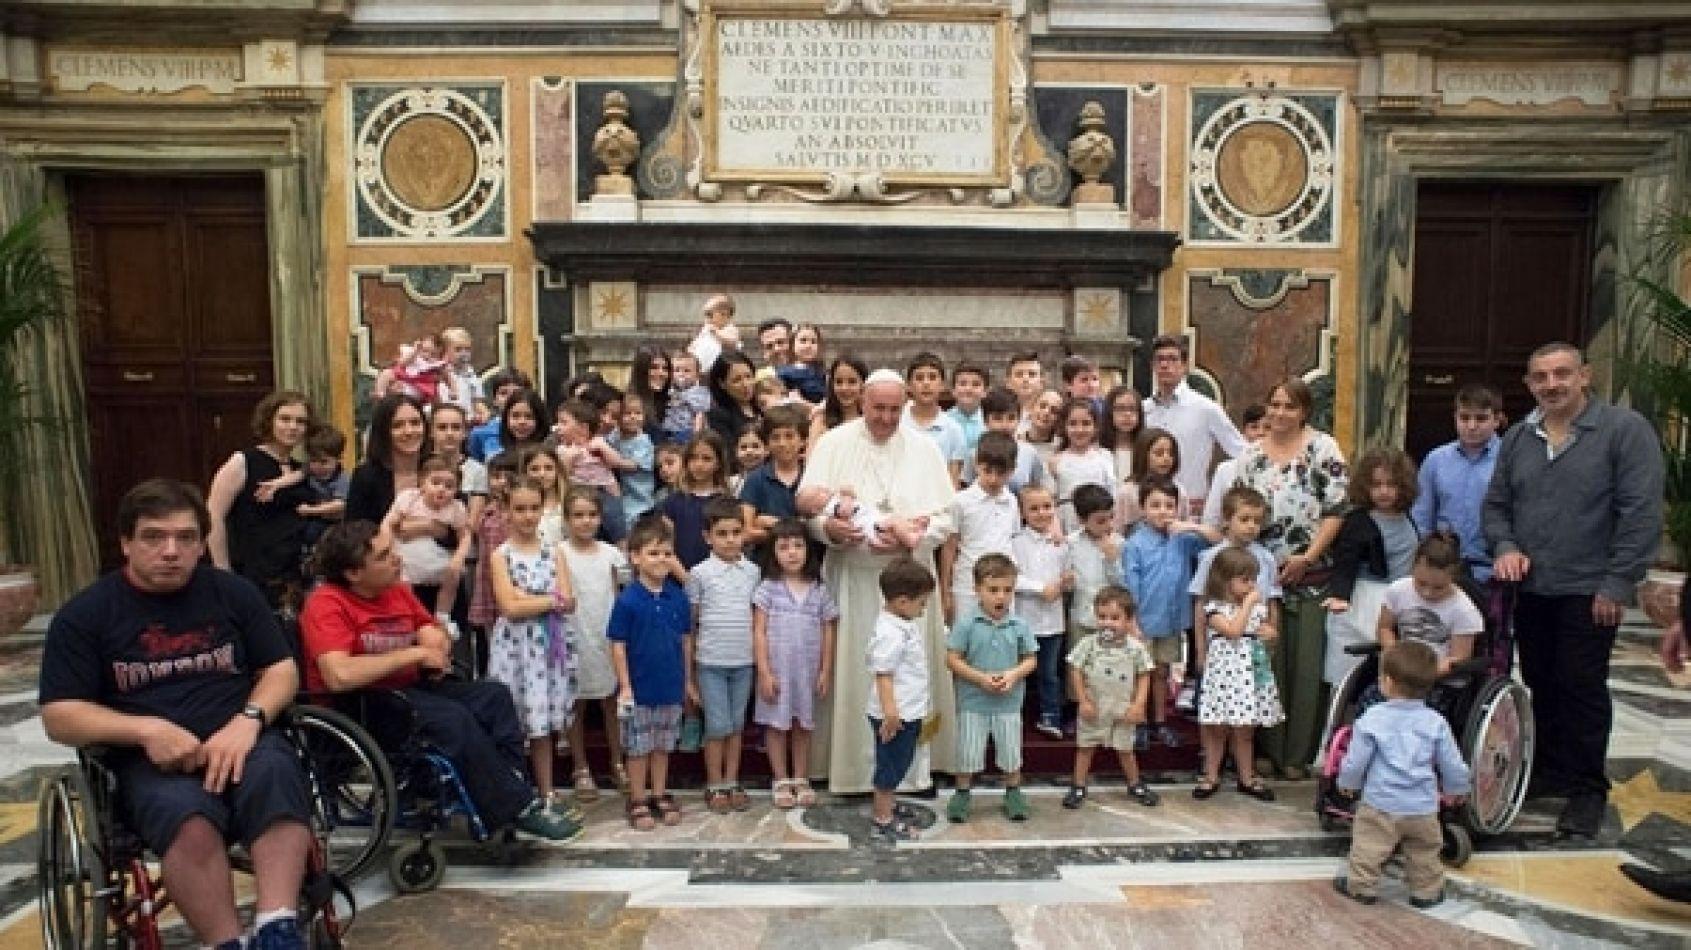 El Papa se refirió al tema luego de la aprobación en Diputados del proyecto que lo legaliza.